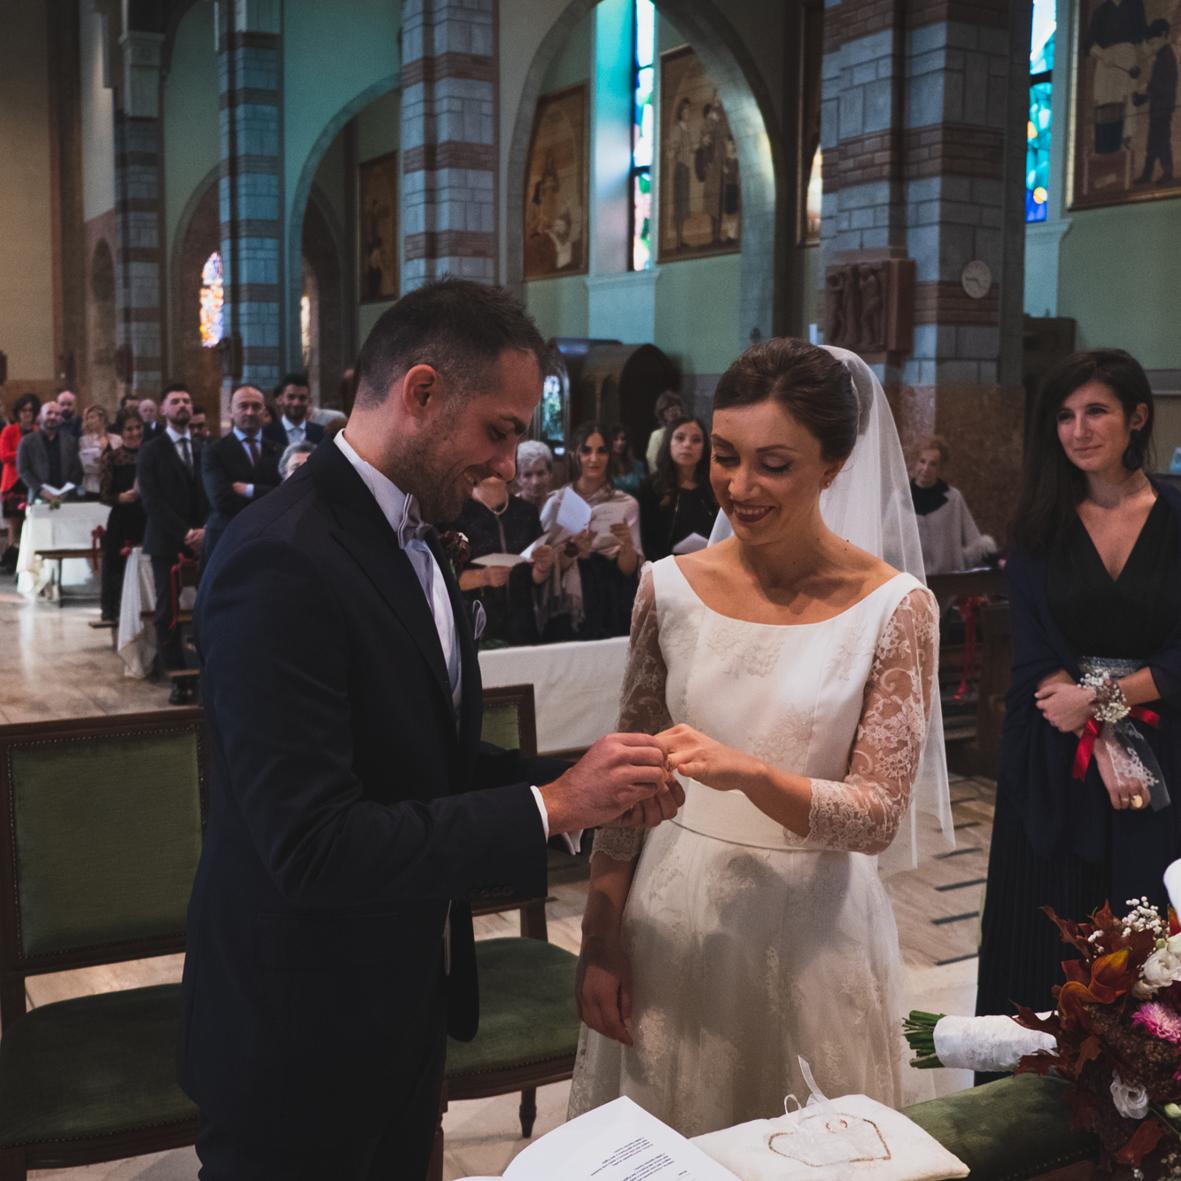 Fotografo matrimonio Brescia reportage di matrimonio Federico Rongaroli14